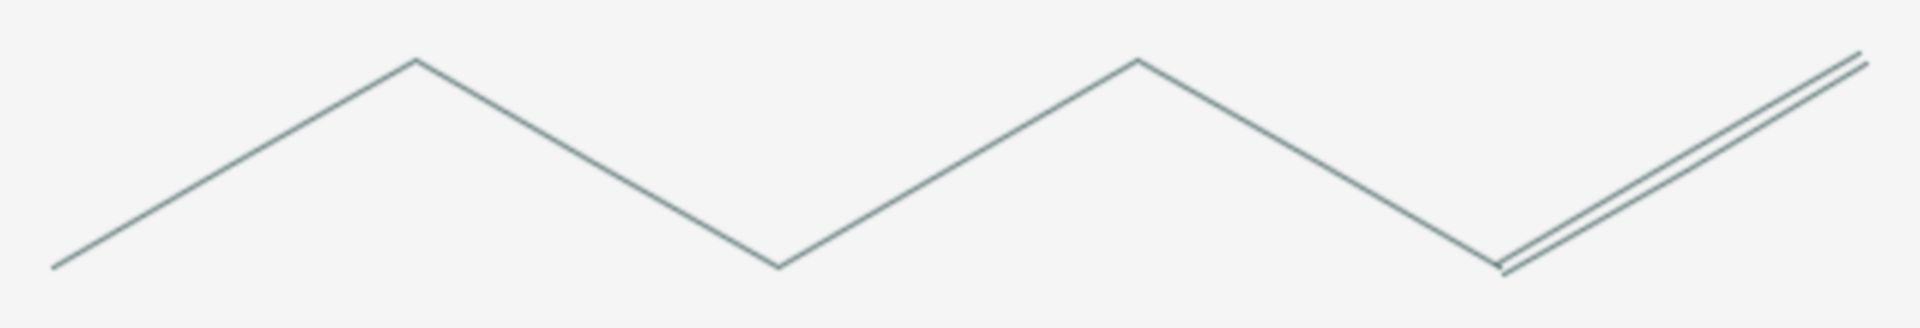 1-Hexen (Strukturformel)